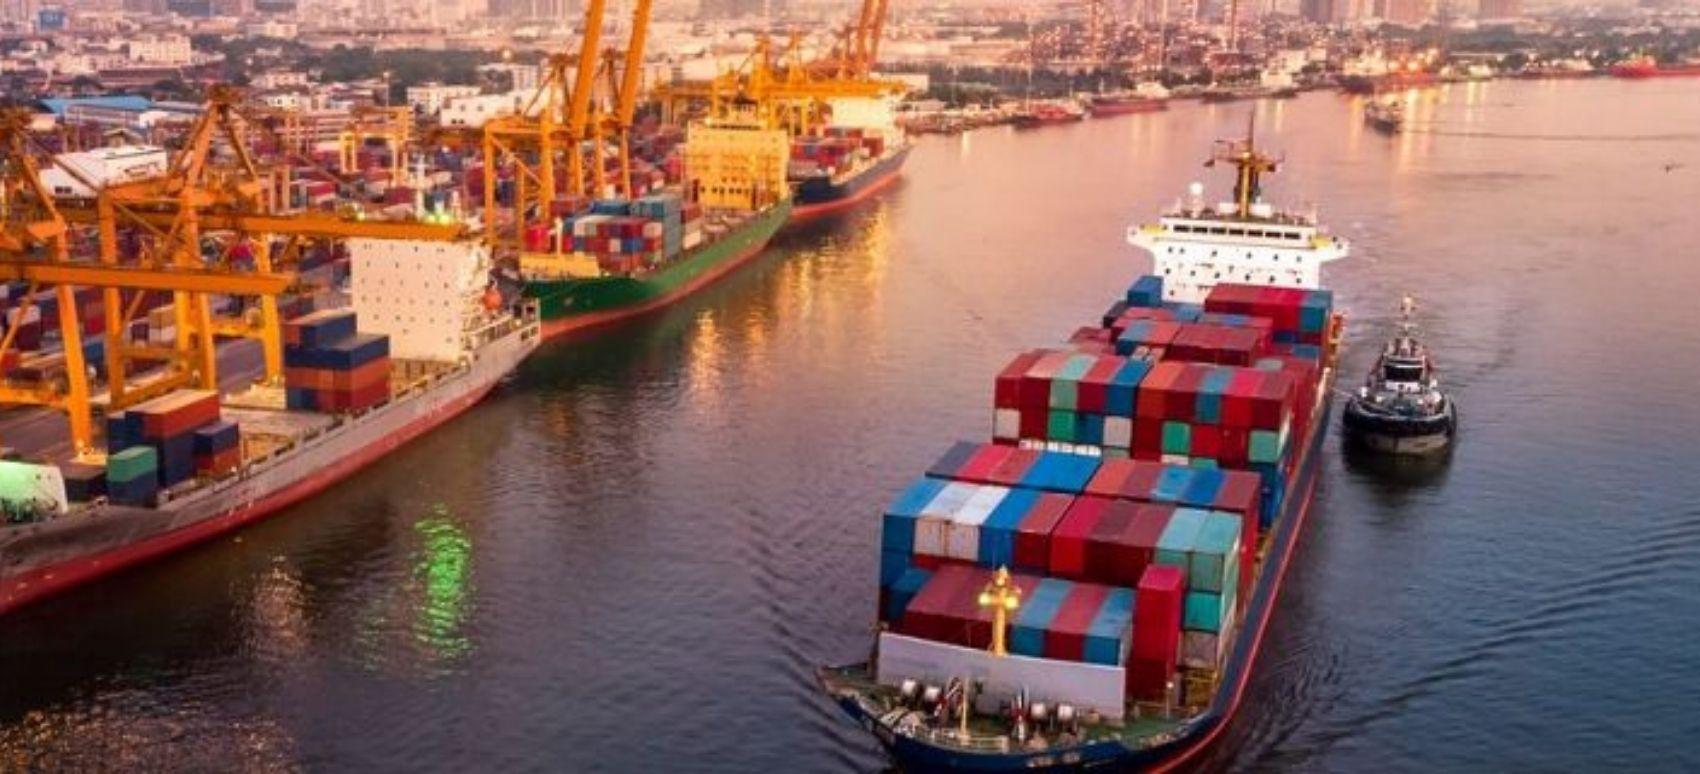 Horarios en puertos mexicanos por COVID-19 | DSV